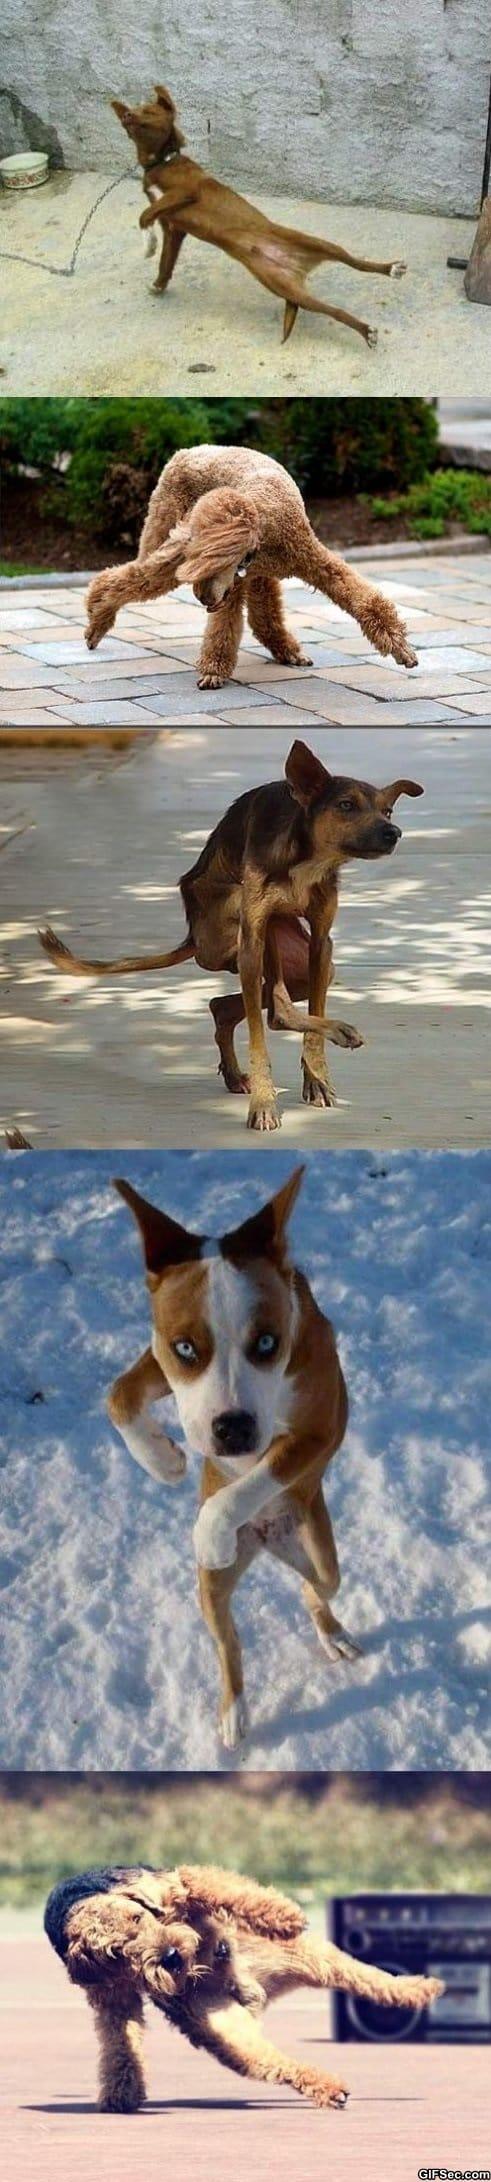 breakdancing-dogs